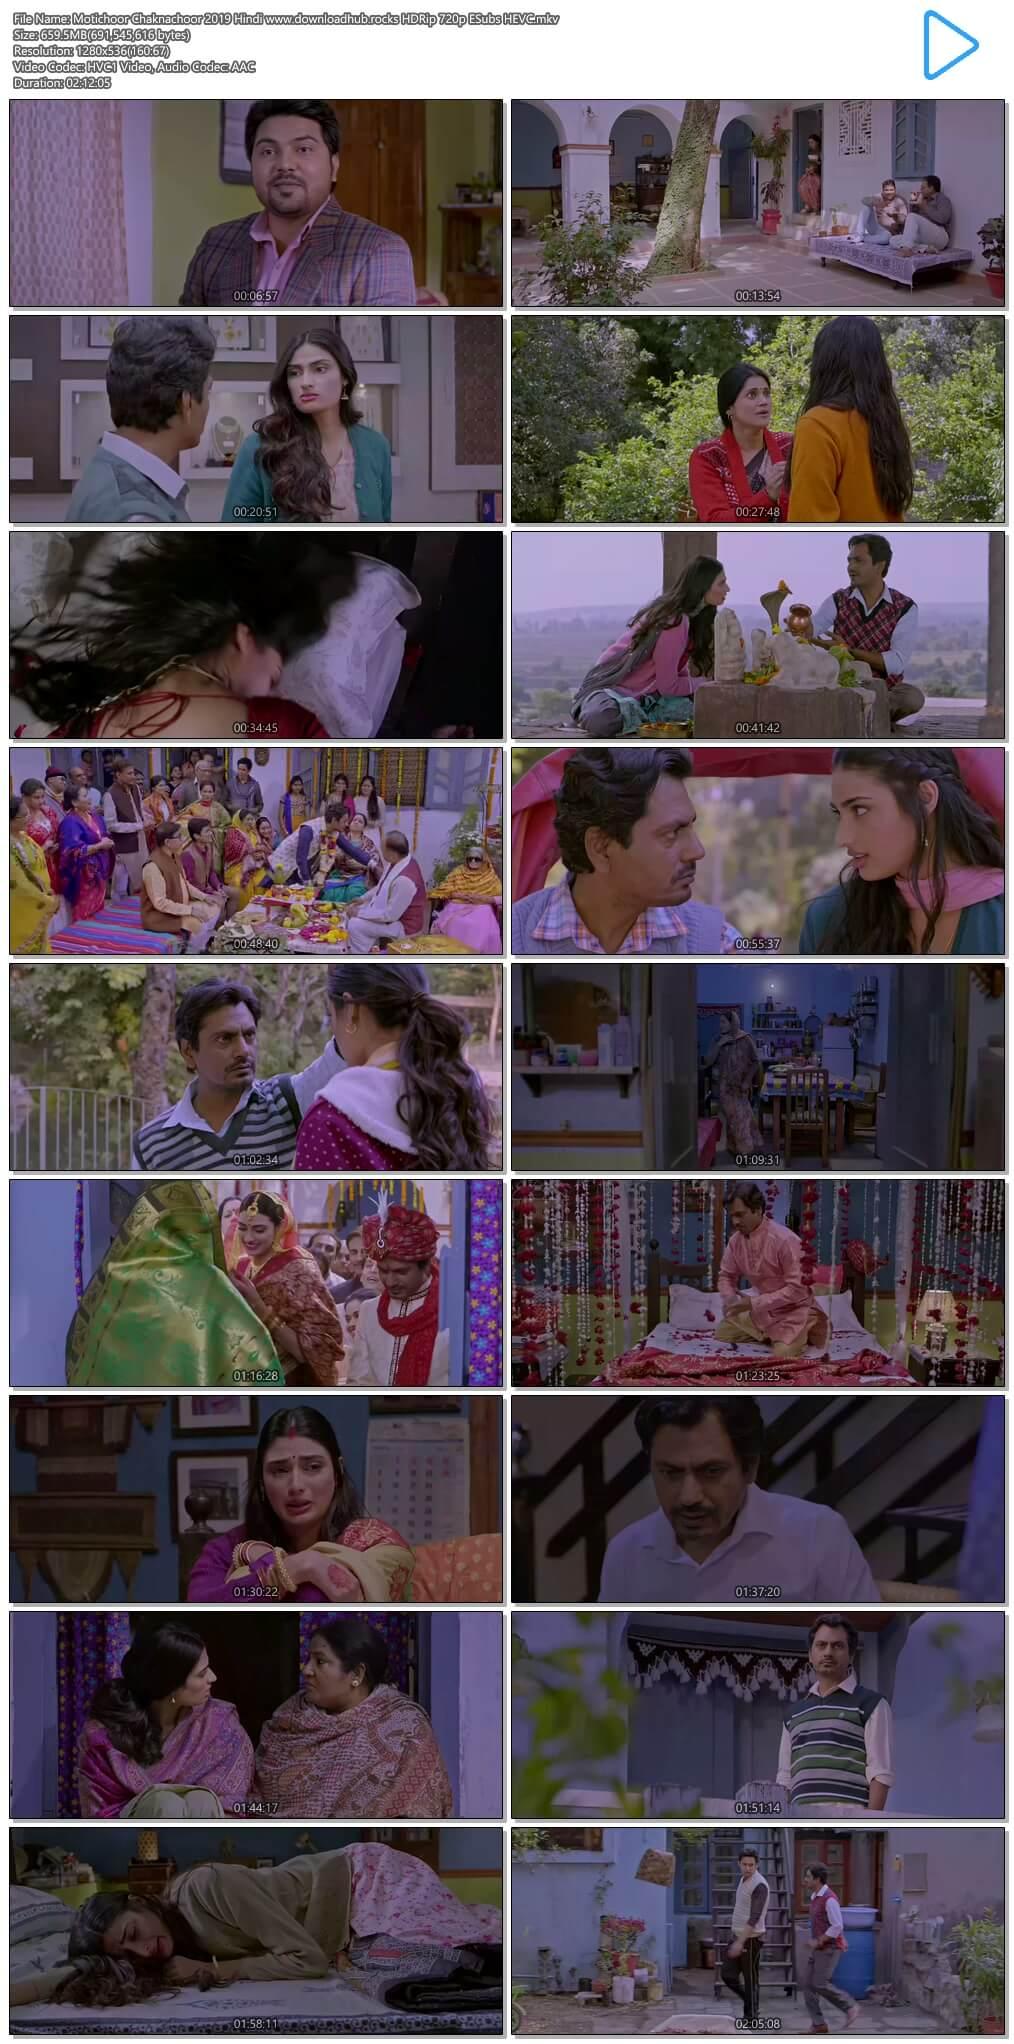 Motichoor Chaknachoor 2019 Hindi 650MB HDRip 720p ESubs HEVC